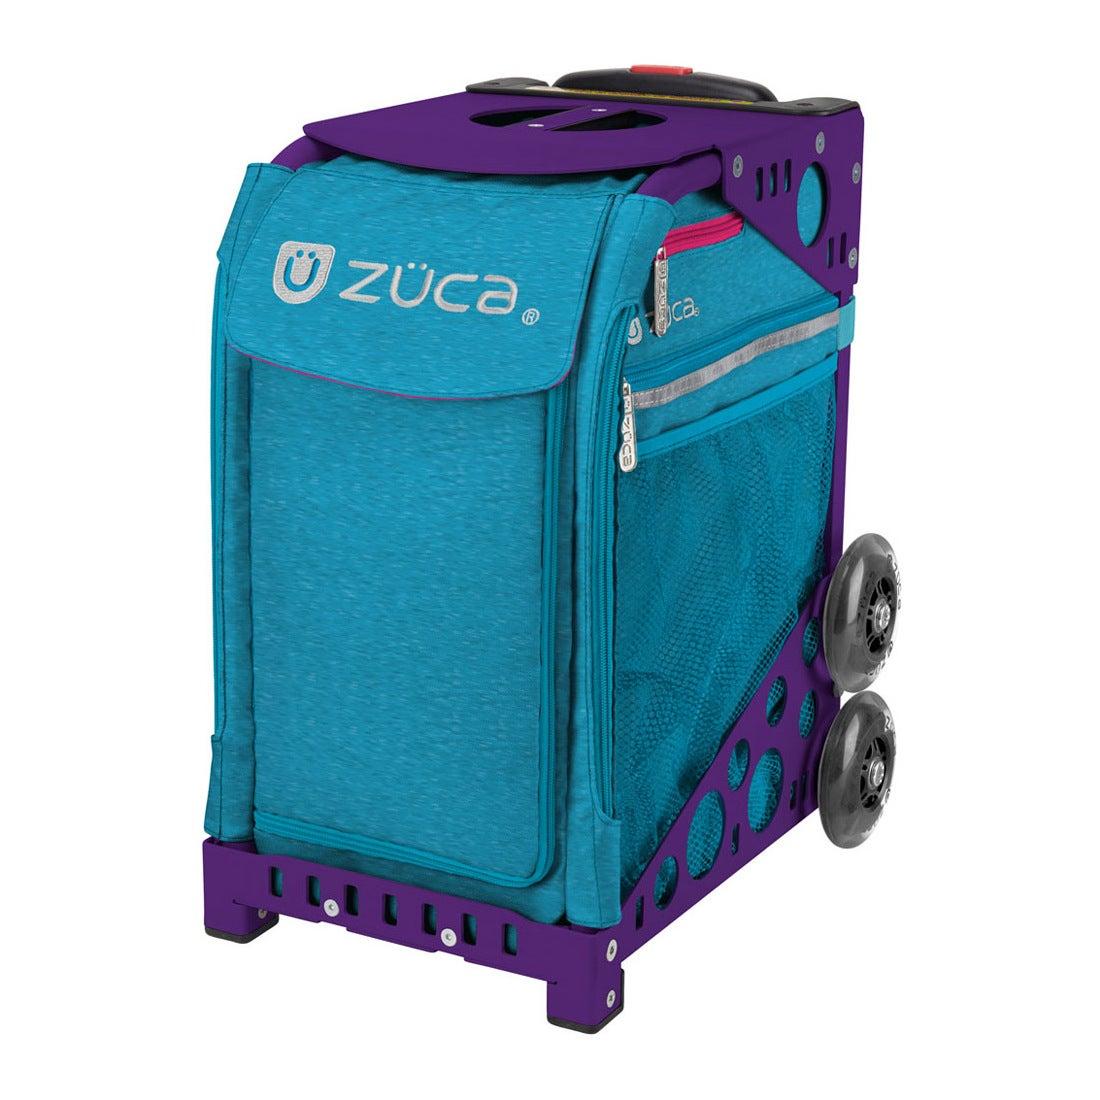 ロコンド 靴とファッションの通販サイト【SAC'SBAR】ZUCASportキャリーケースBeachyBlue403Purple